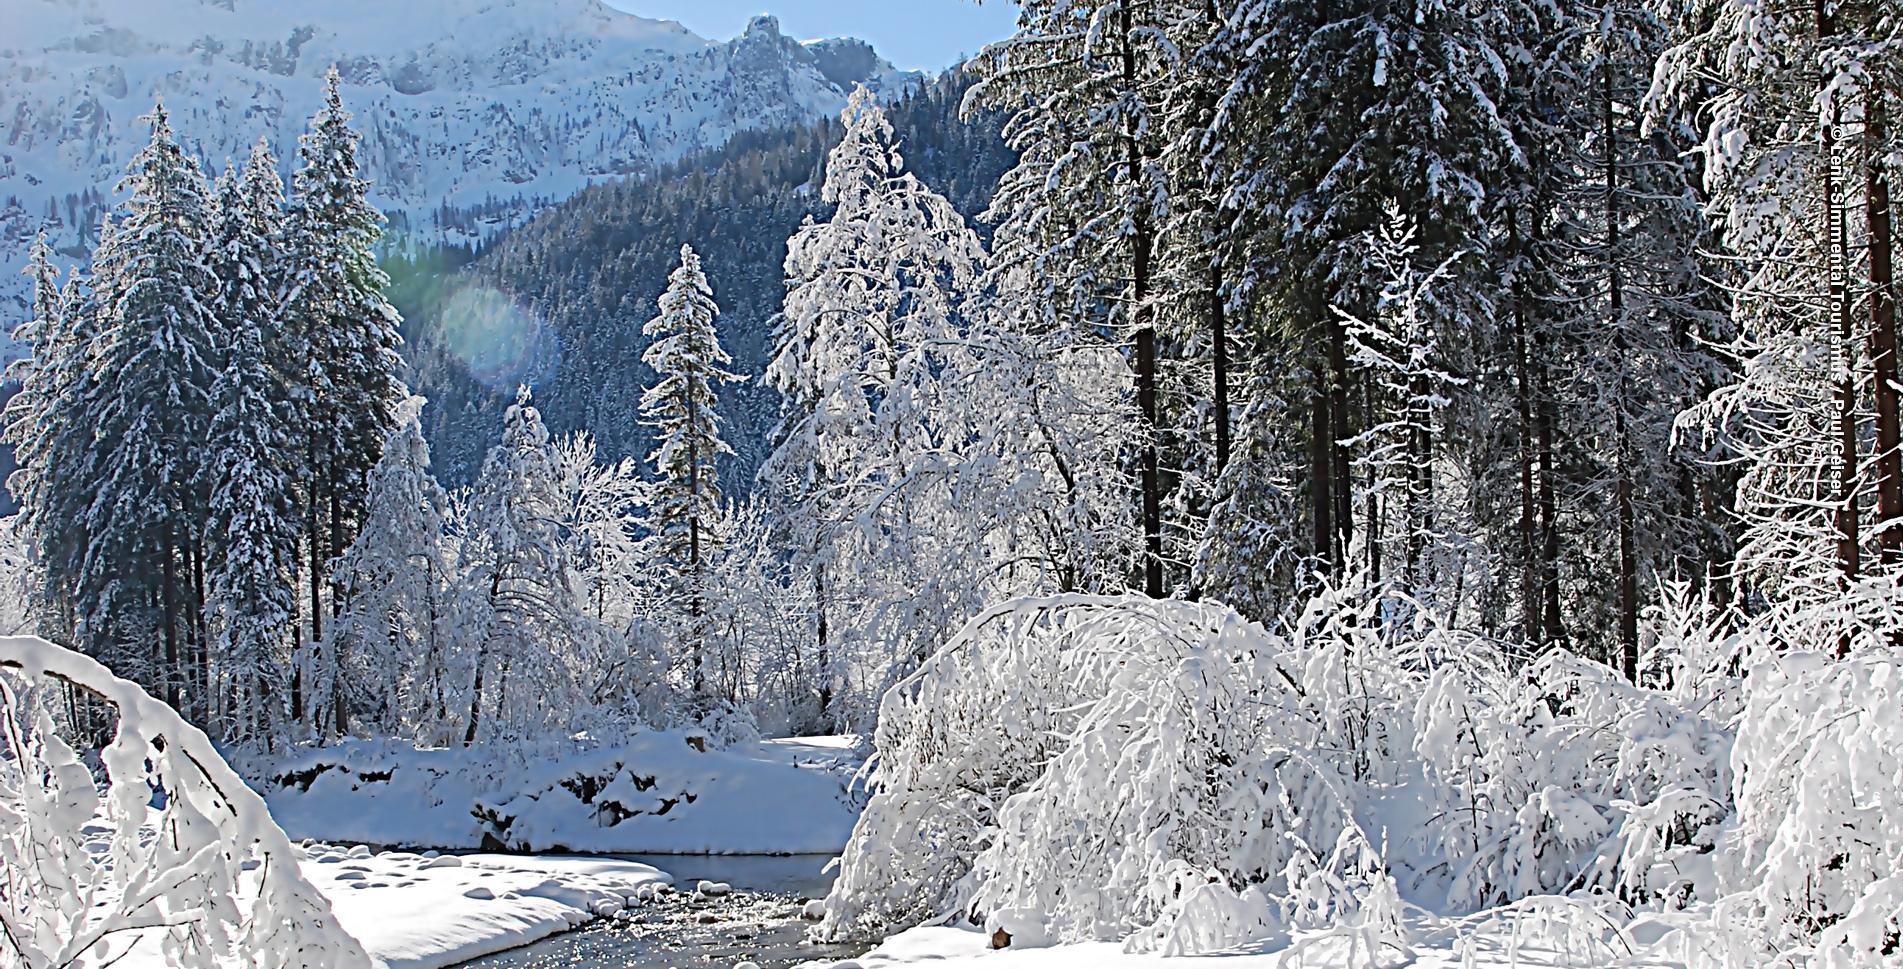 Schneeschuhtour von der Lenk im Simmental (Berner Oberland) zum Iffigfall auf dem Iffigfall Trail